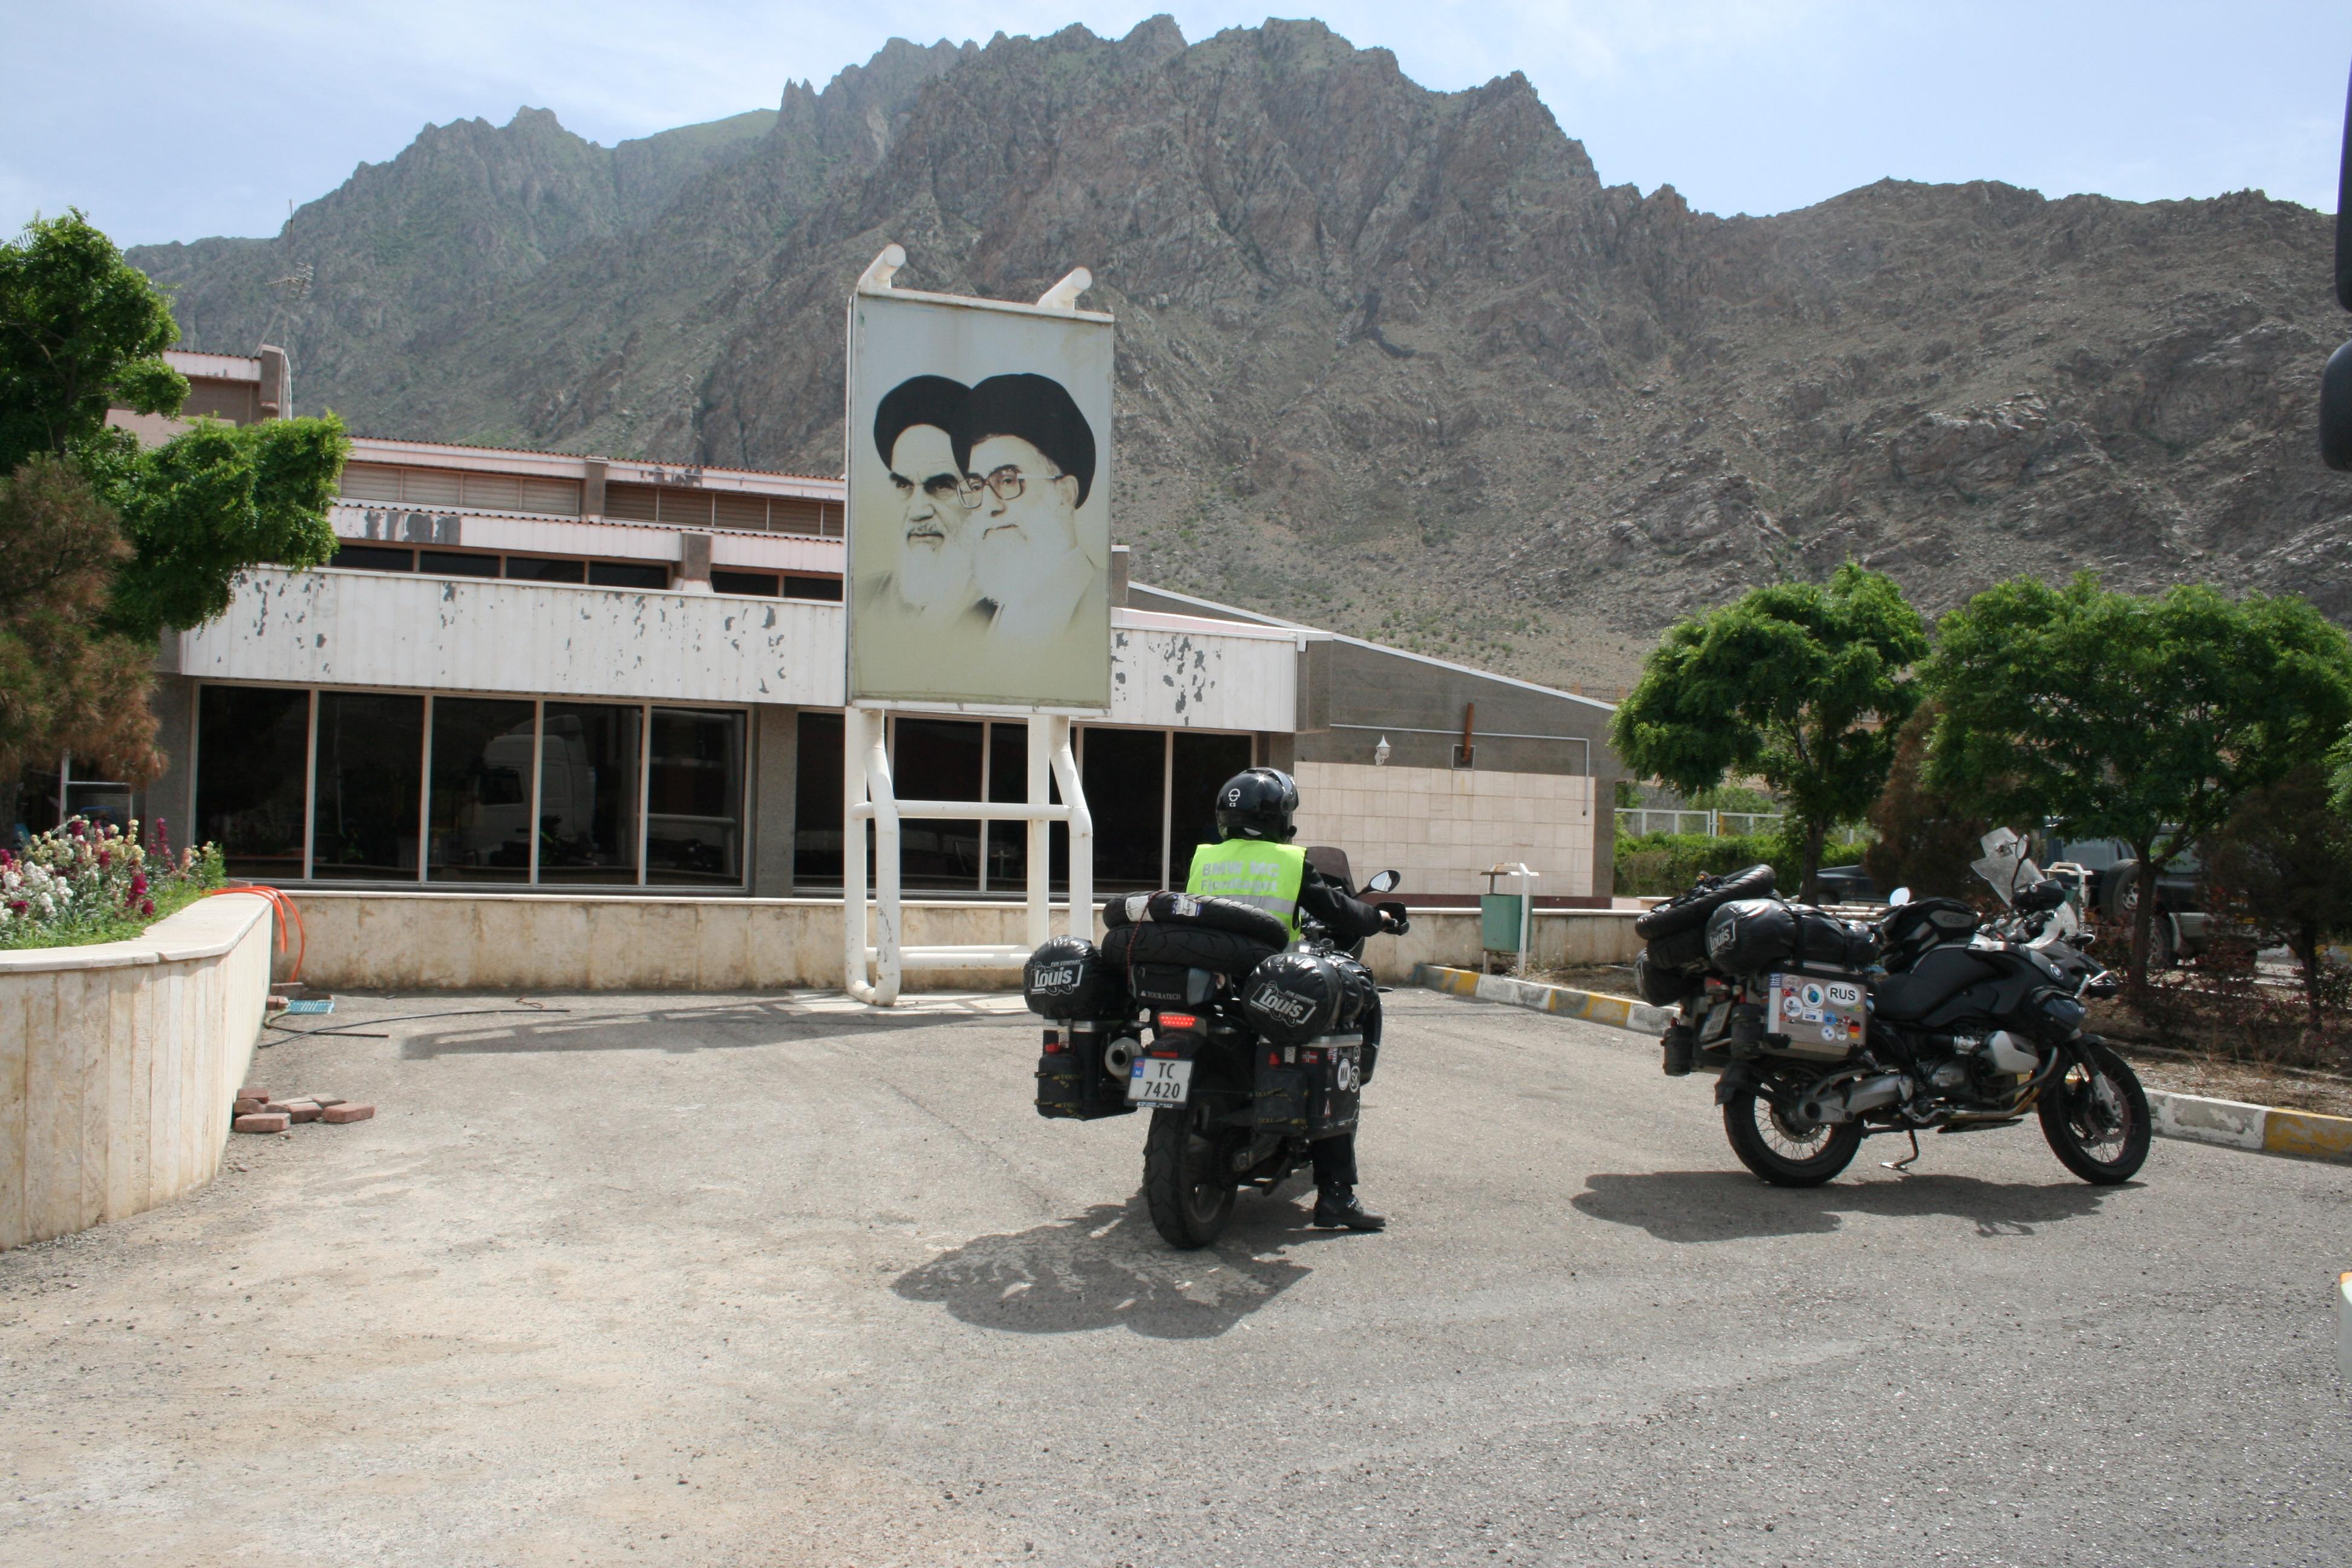 GRENSEPASSERING TIL IRAN